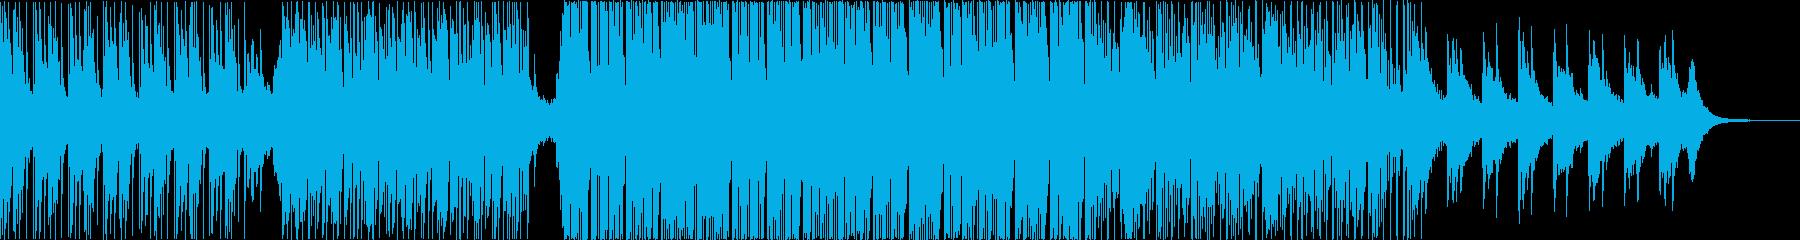 ピアノのフレーズが印象的な浮遊感のある曲の再生済みの波形